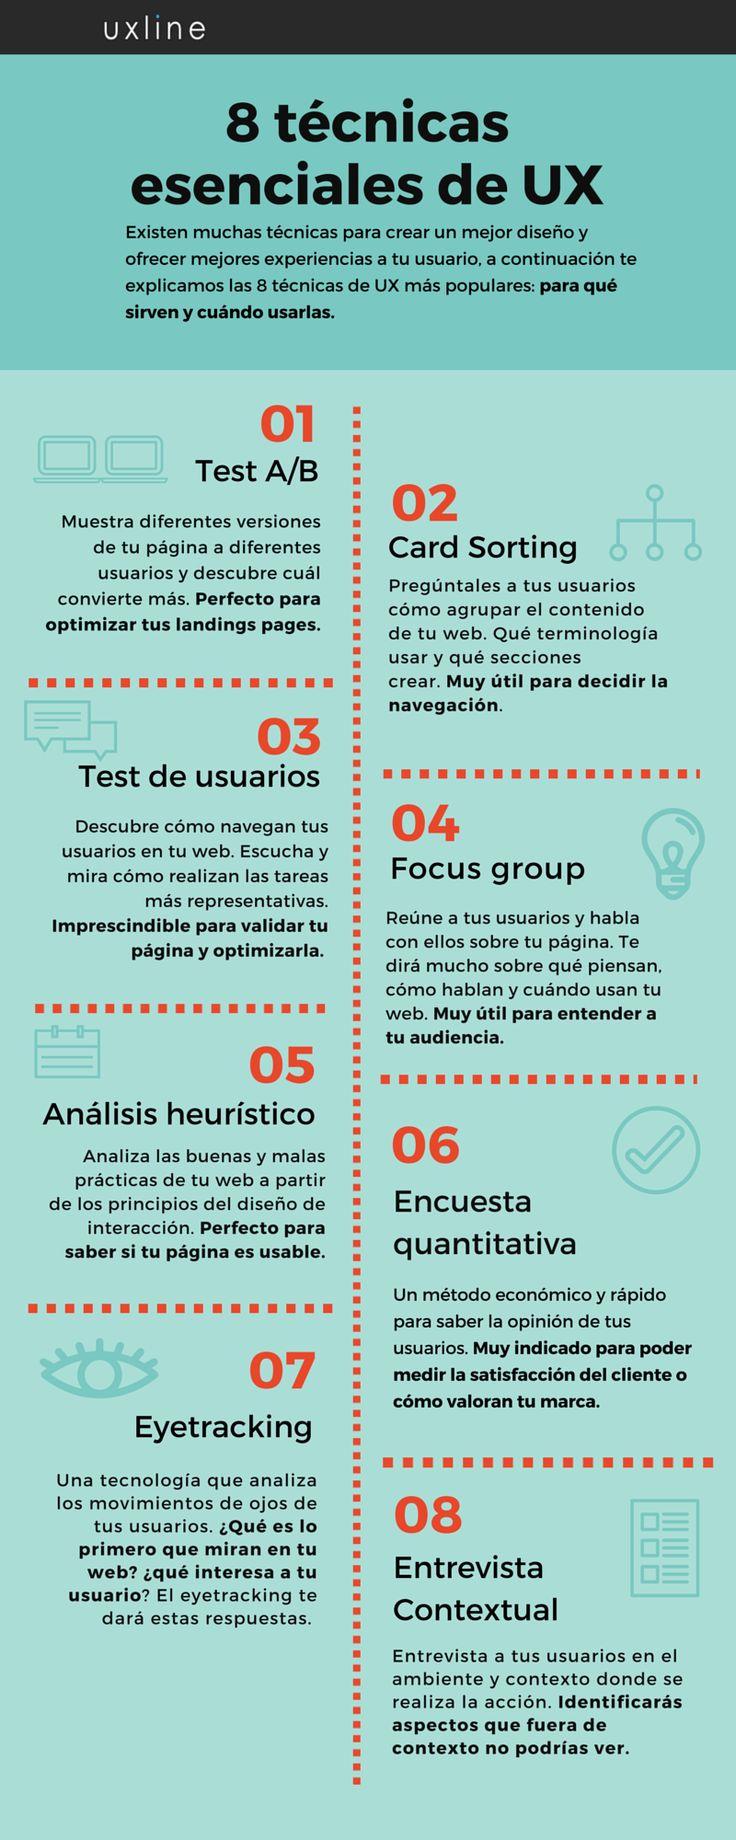 8 técnicas esenciales de UX (experiencia de usuario) #infografia Ideas Desarrollo Personal para www.masymejor.com